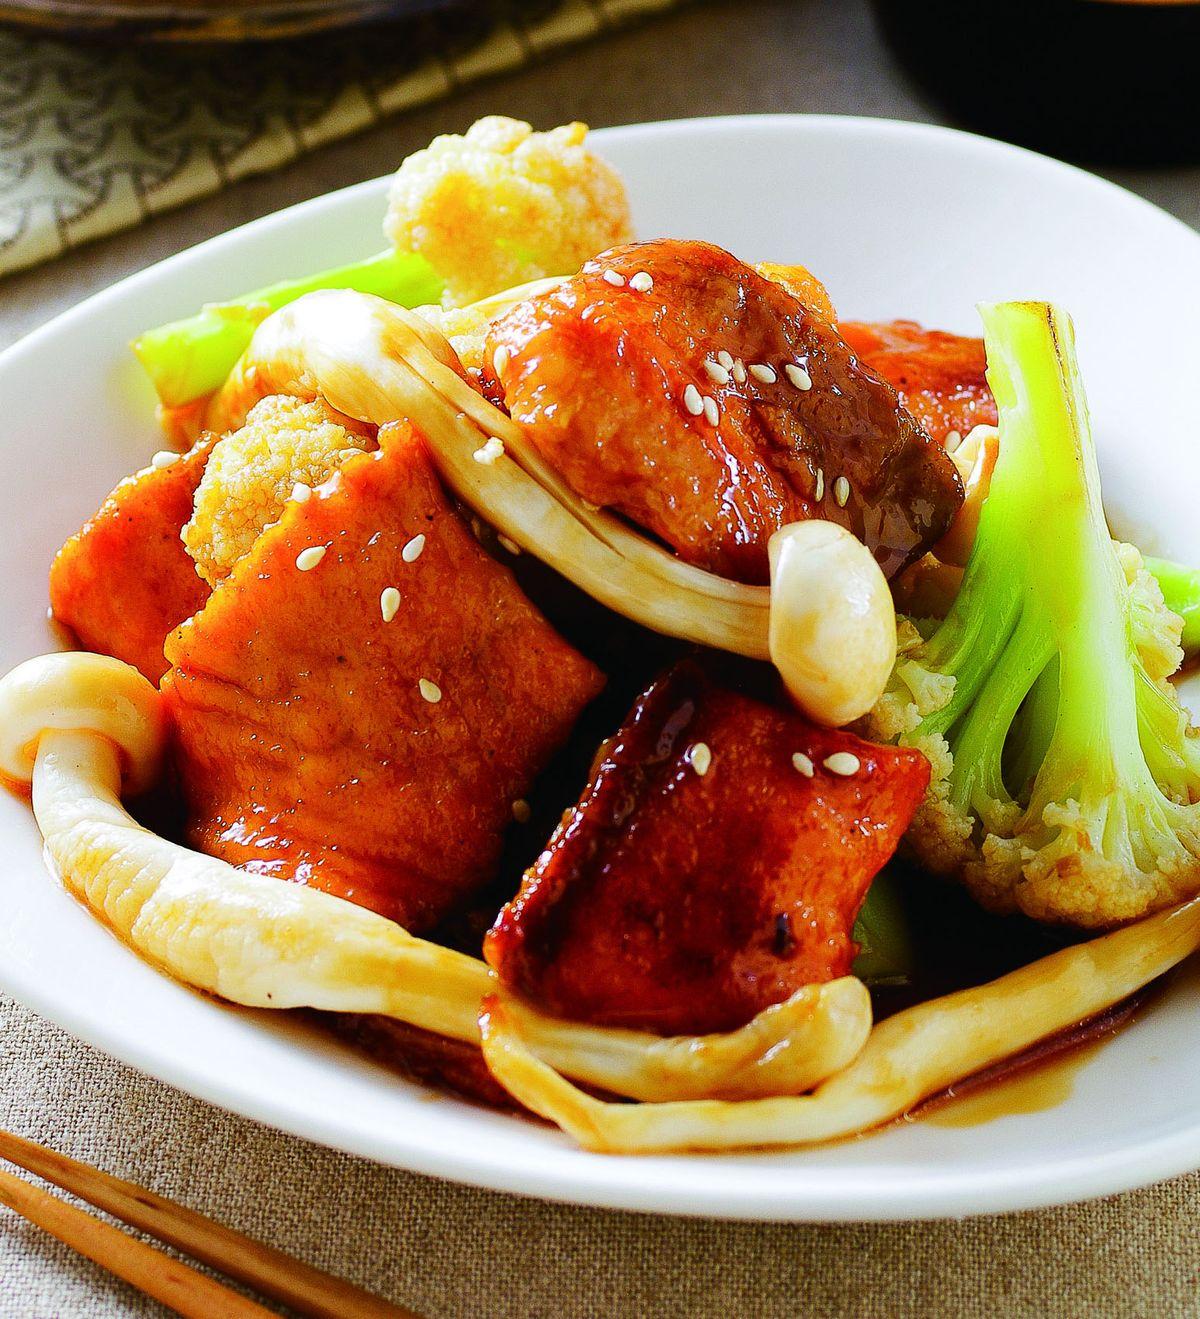 食譜:鮮蔬燒鮭魚